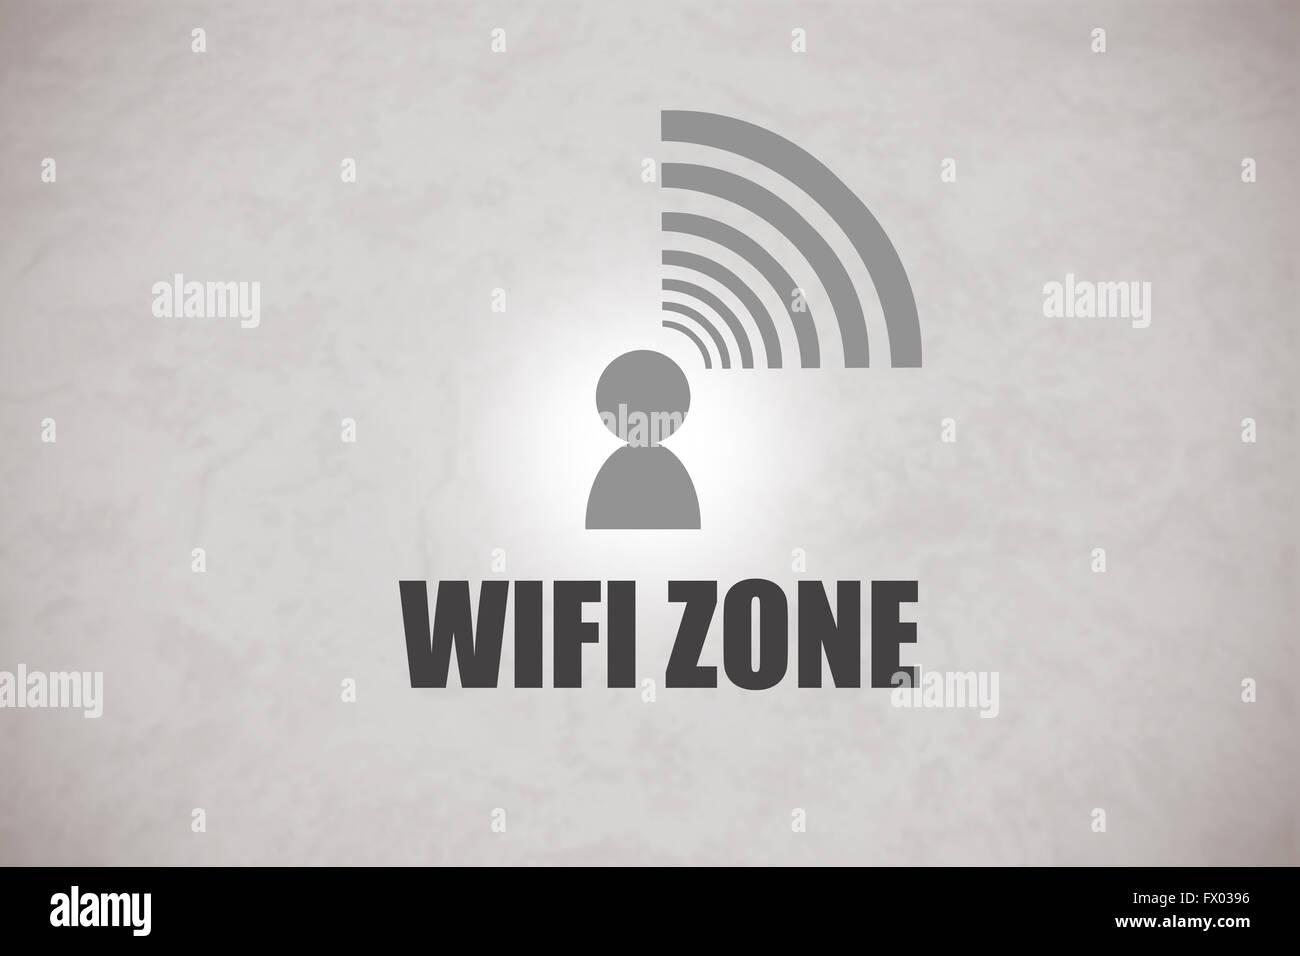 Zona Wifi el logo en un fondo gris Imagen De Stock